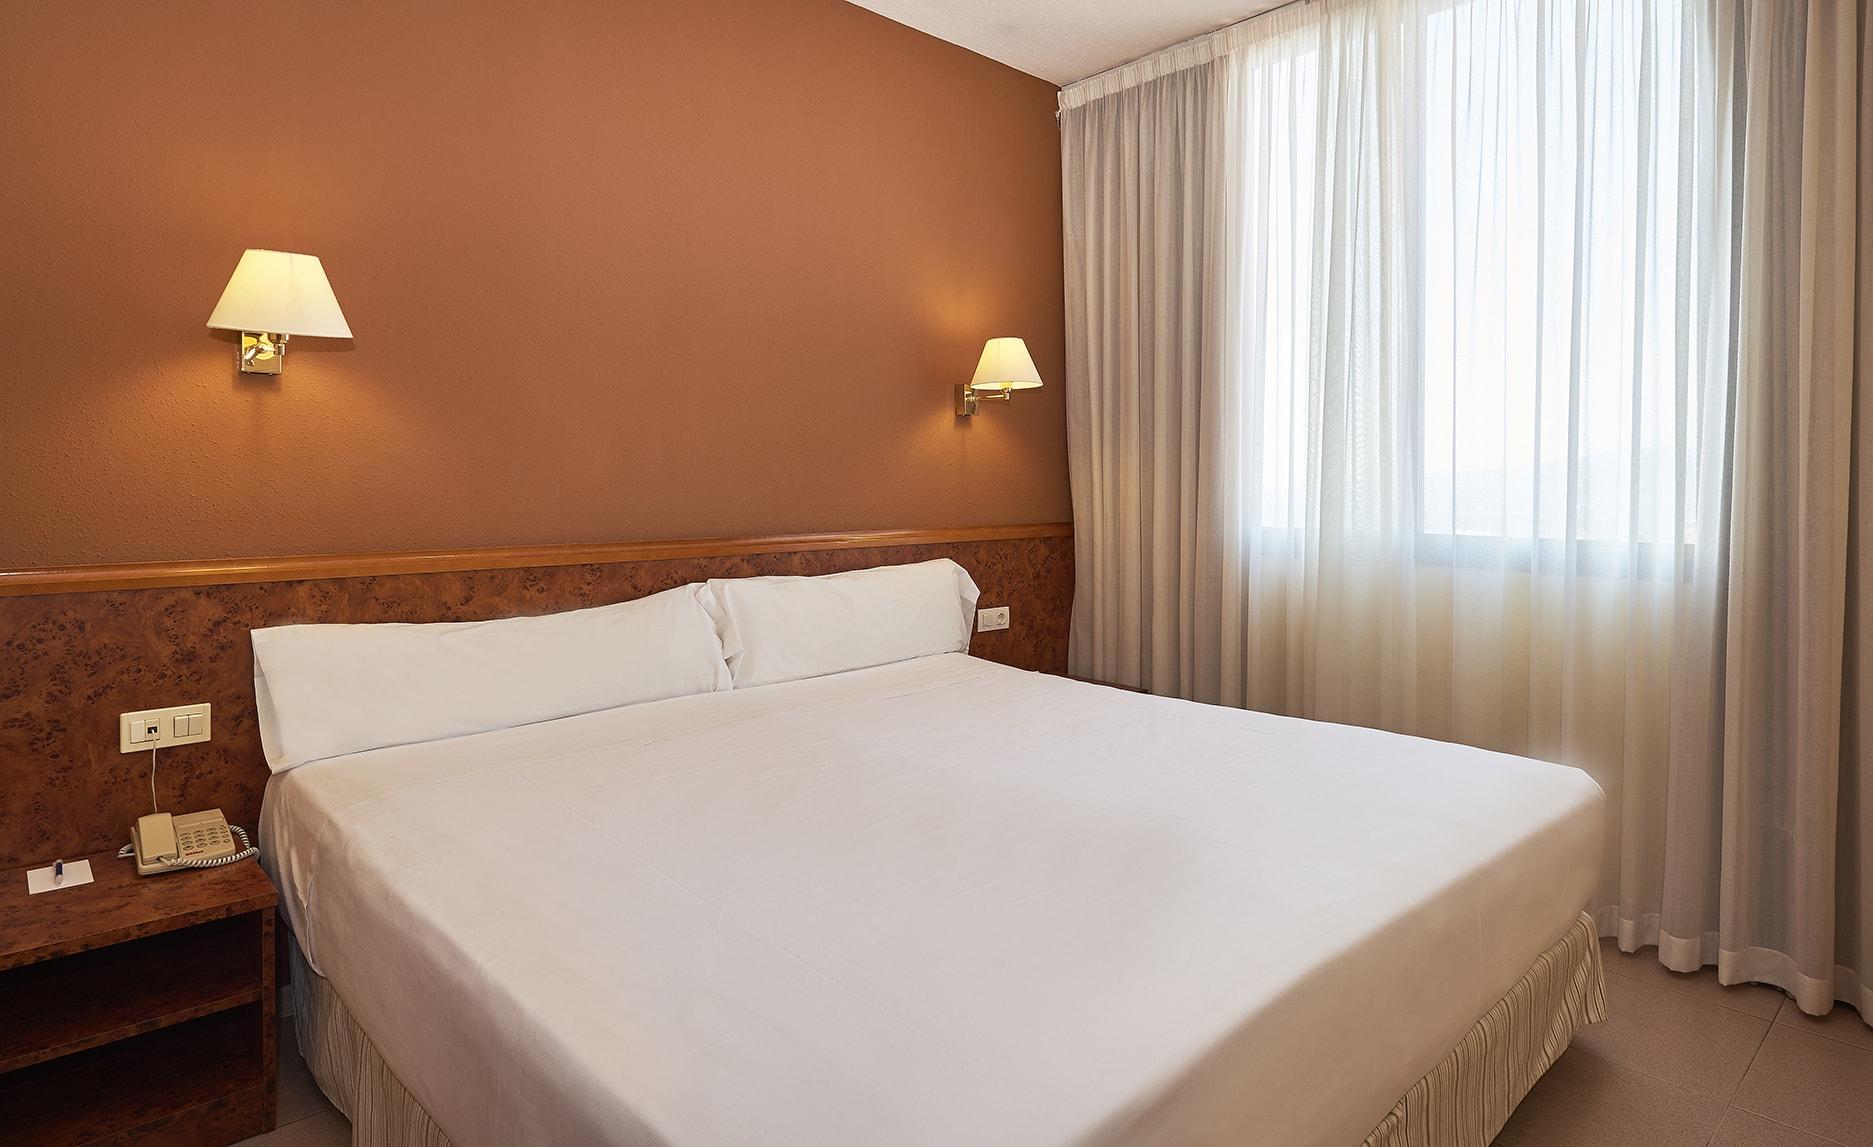 Habitación del hotel Hesperia Sant Joan